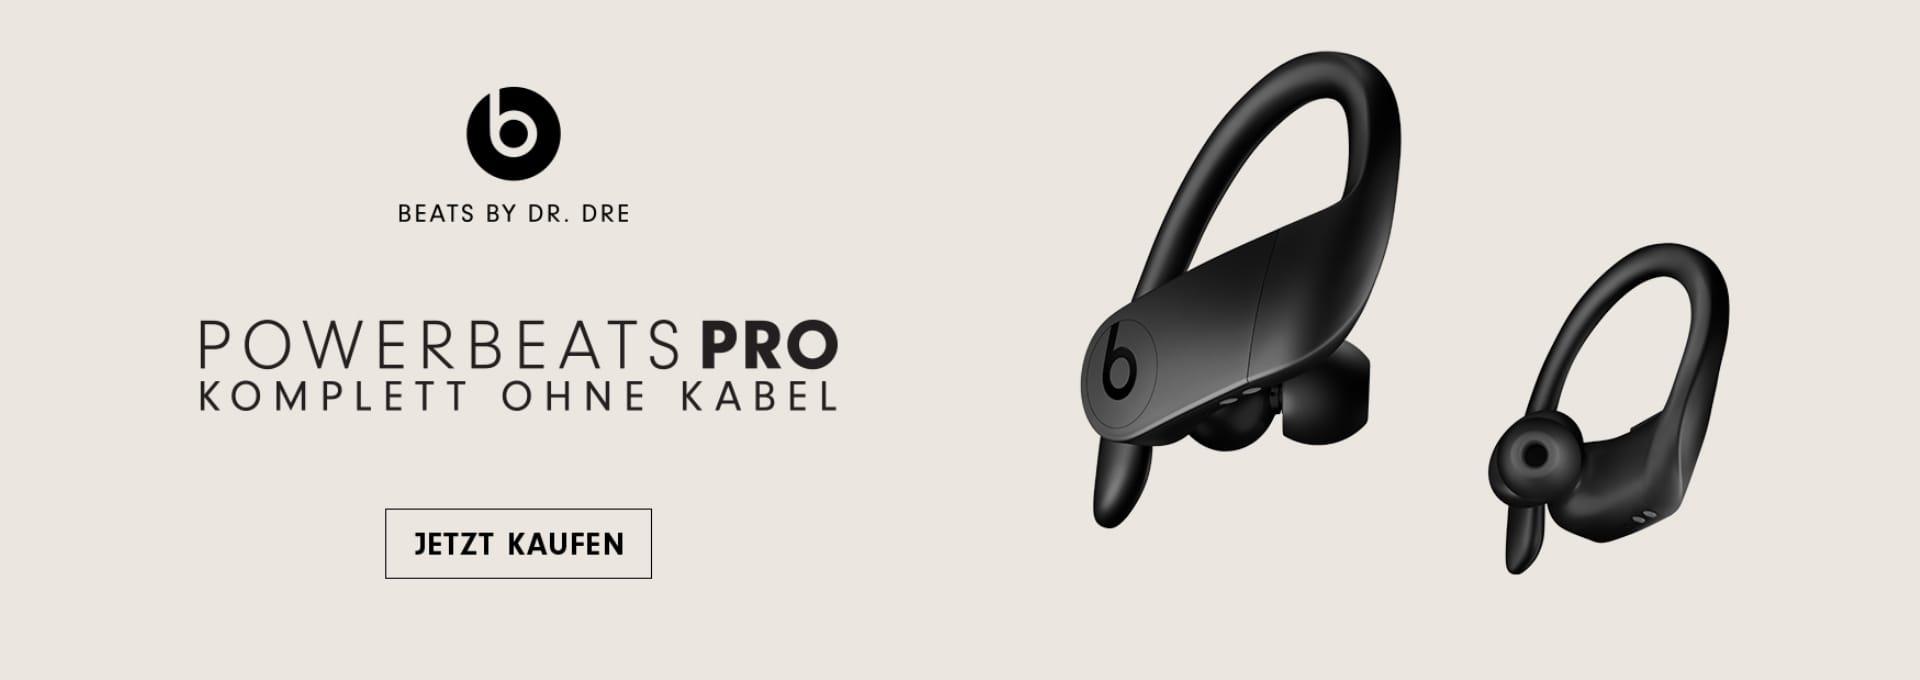 PowerBeats Pro Wireless In-Ear Kopfhöhrer